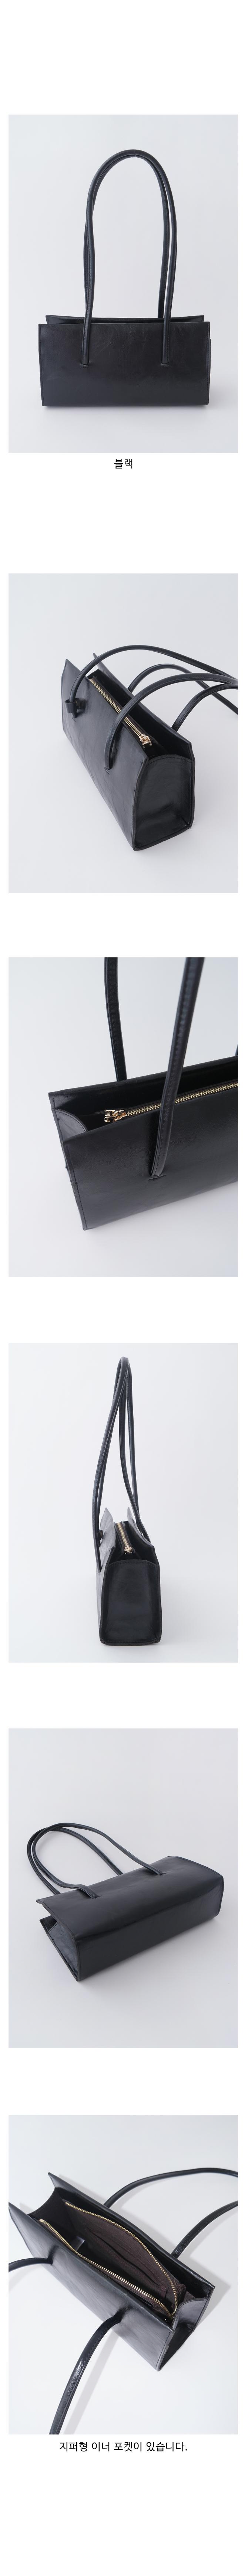 urban square shoulder bag